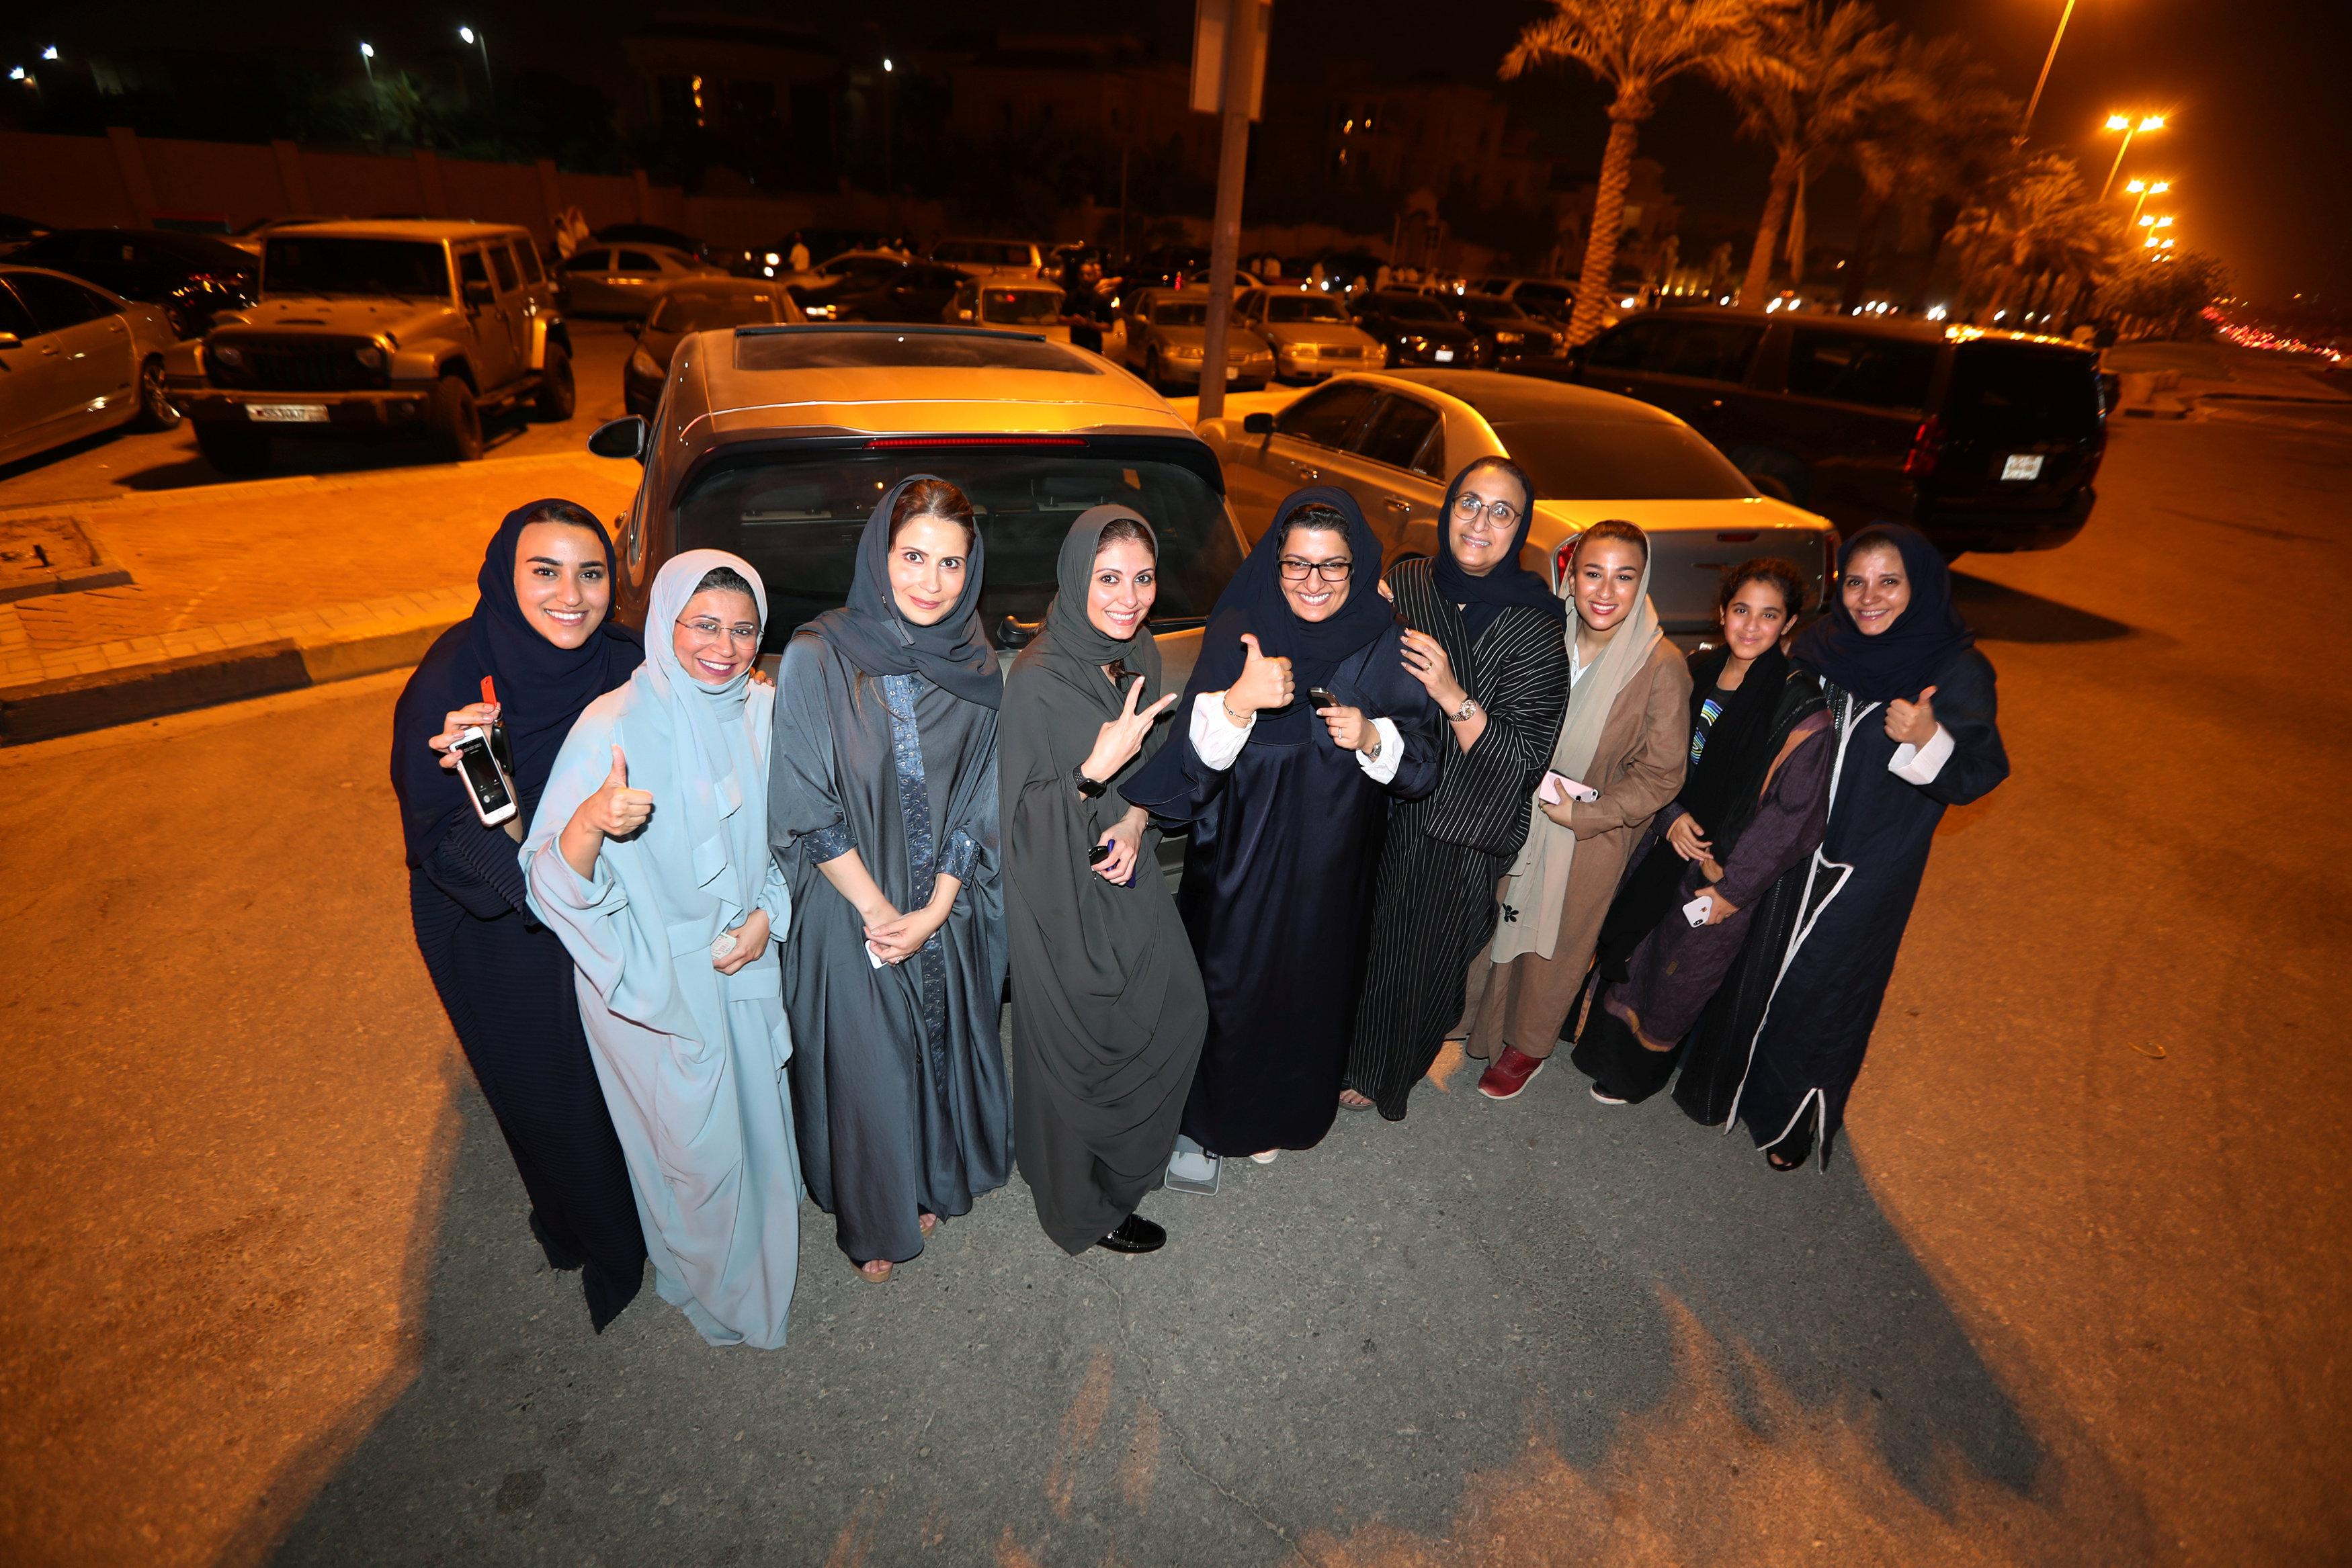 احتفال سيدات فى السعودية بتنفيذ قرار قيادة المرأة للسيارات